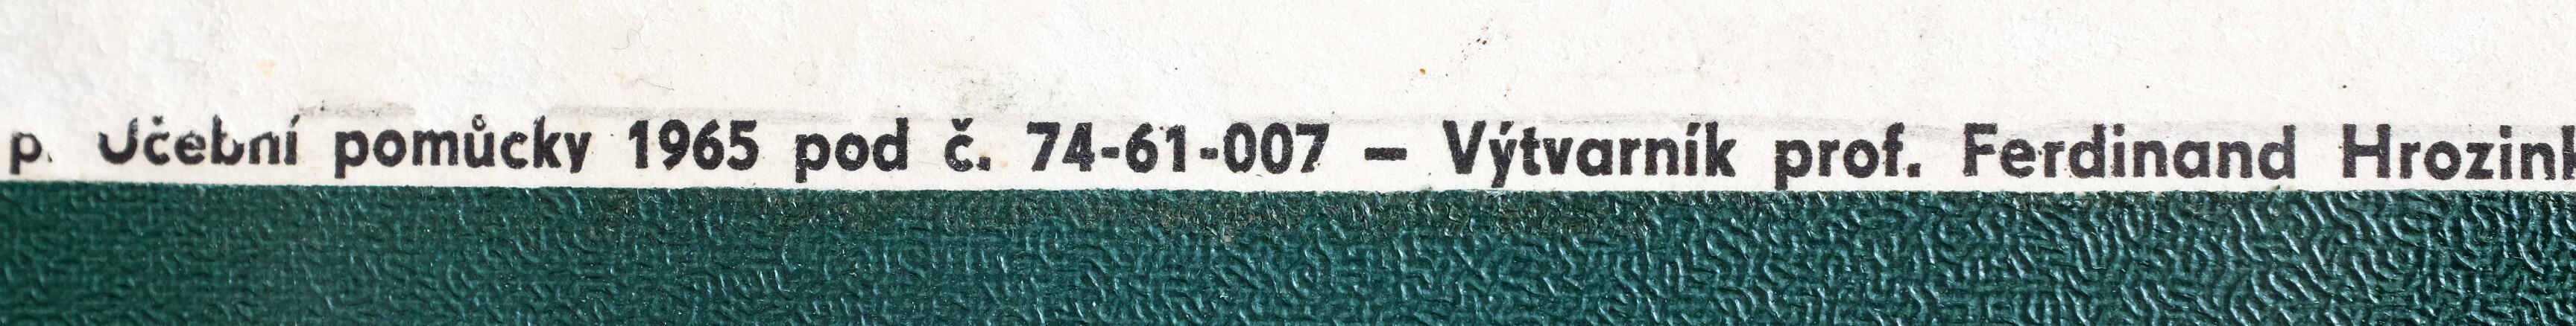 DSCF3199_1